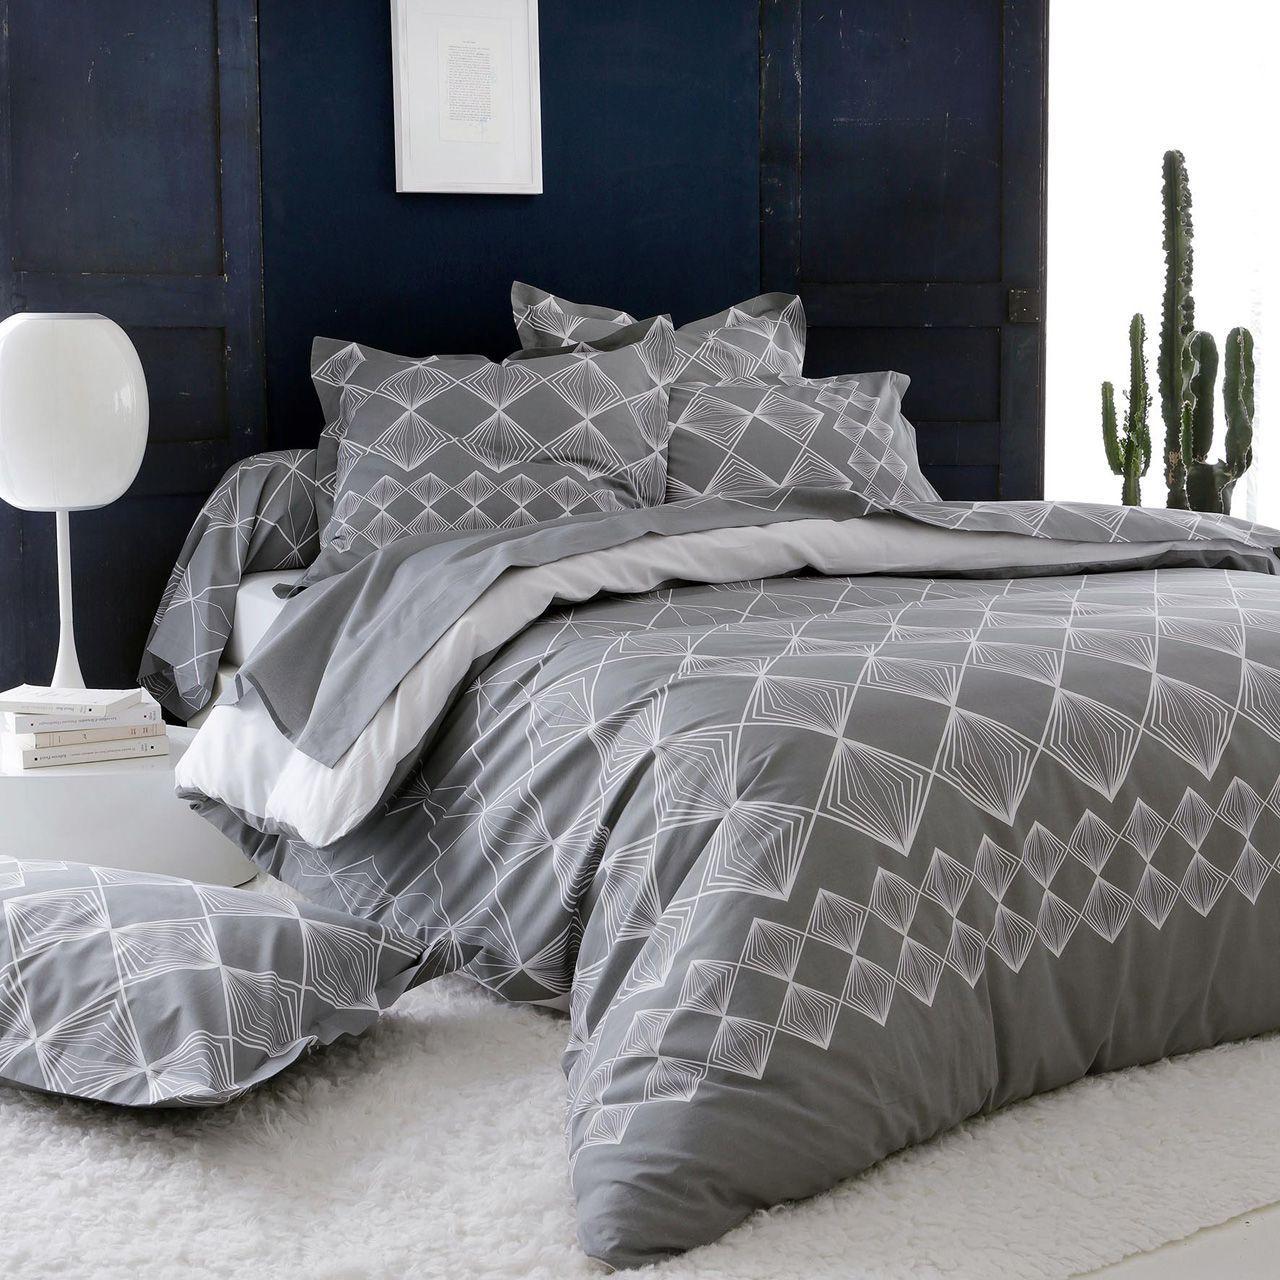 parure de lit forever gris coton imprim dp 240x310 dh 140x190 1tt. Black Bedroom Furniture Sets. Home Design Ideas